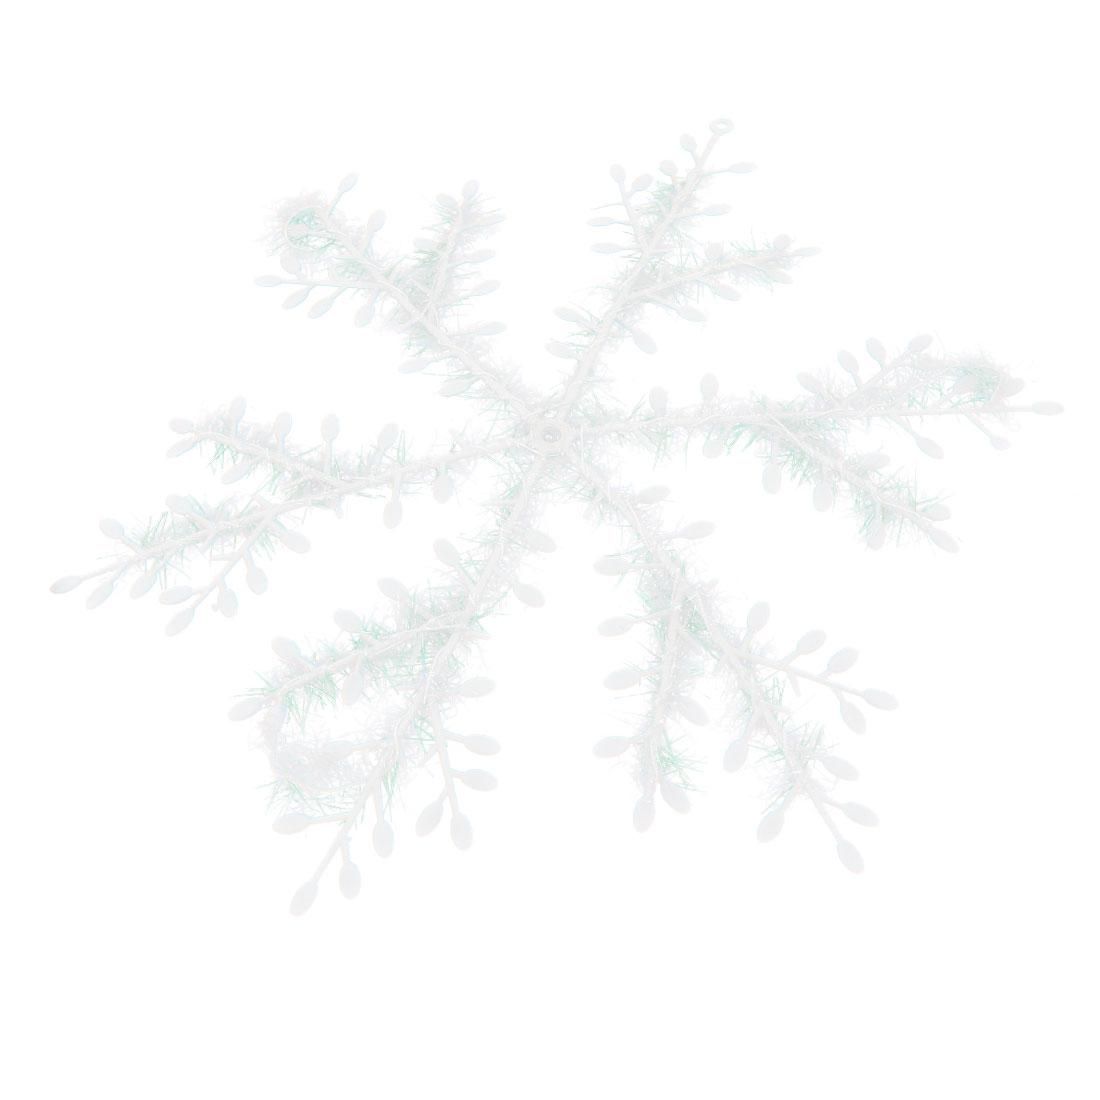 2 Pcs White Blinking Plastic Snowflake Hanger Decoration for Christmas Tree